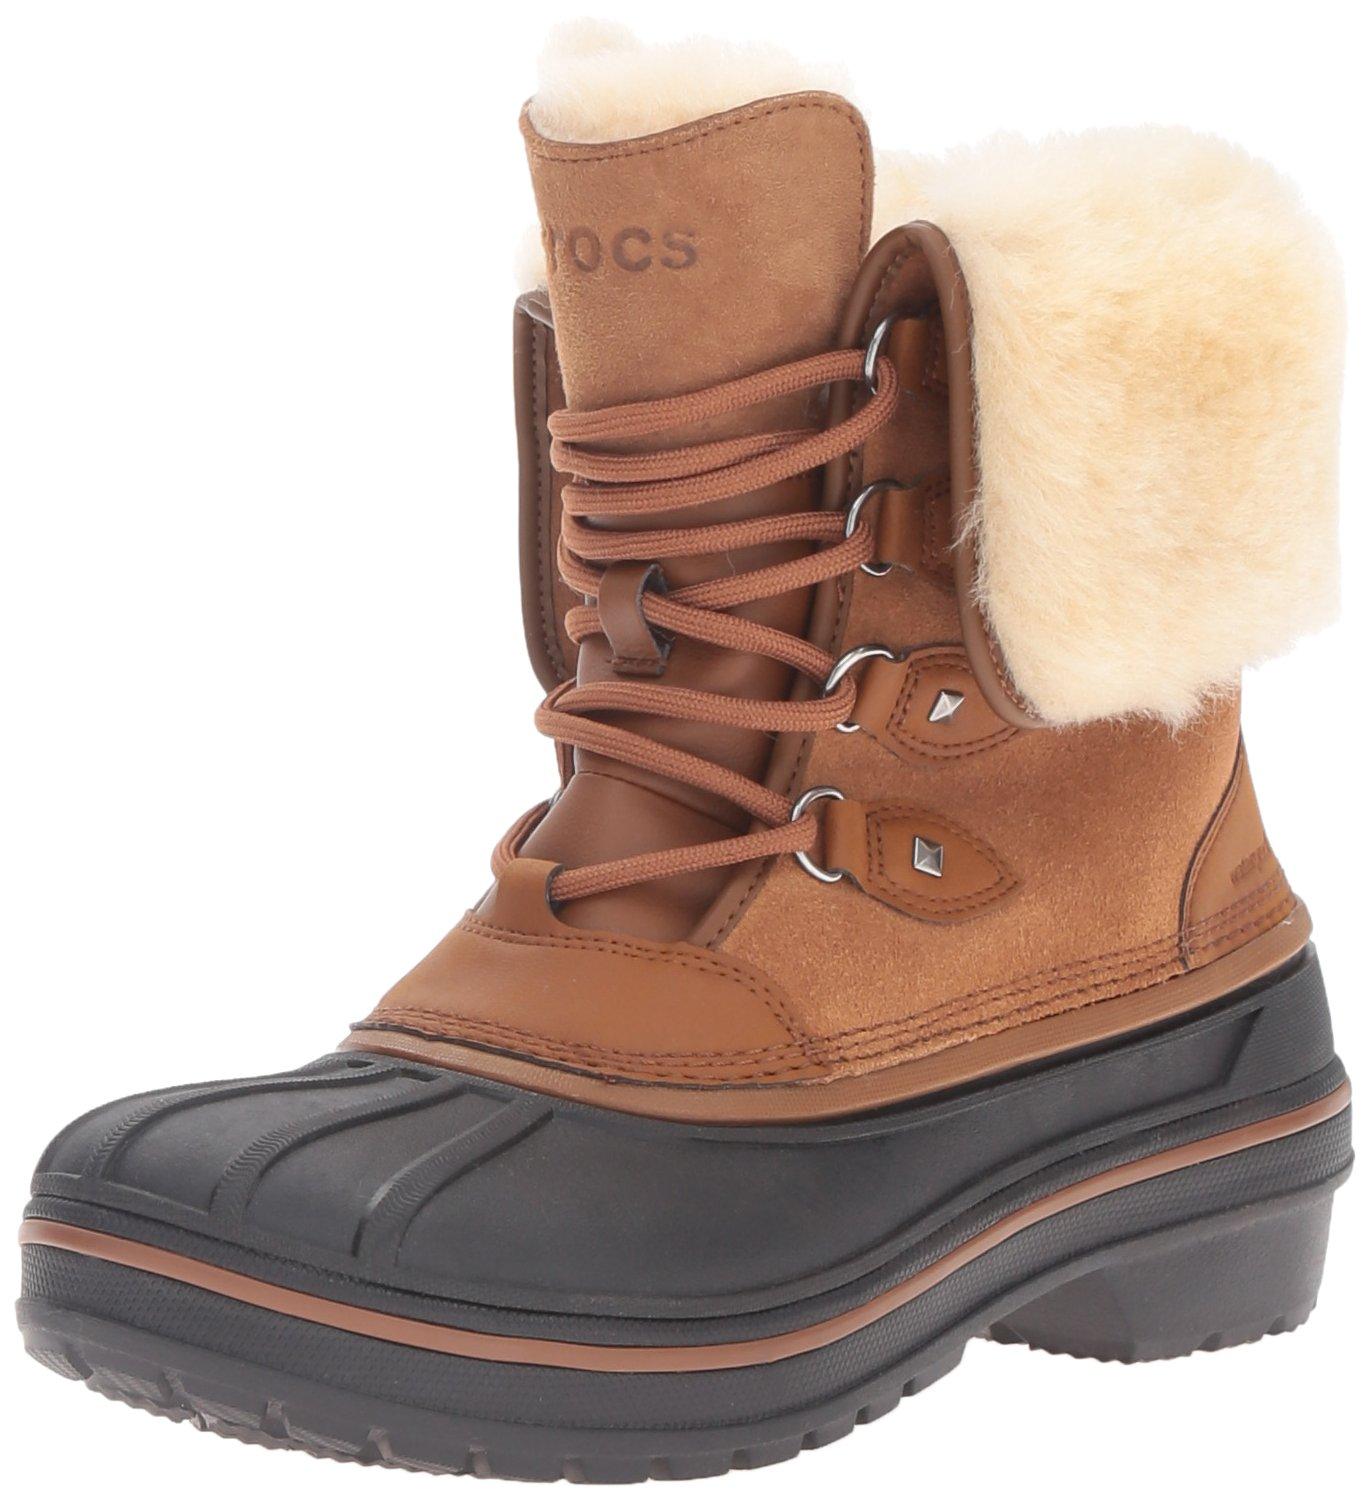 crocs Women's AllCast II Luxe Wheat Snow Boot, Wheat, 10 M US